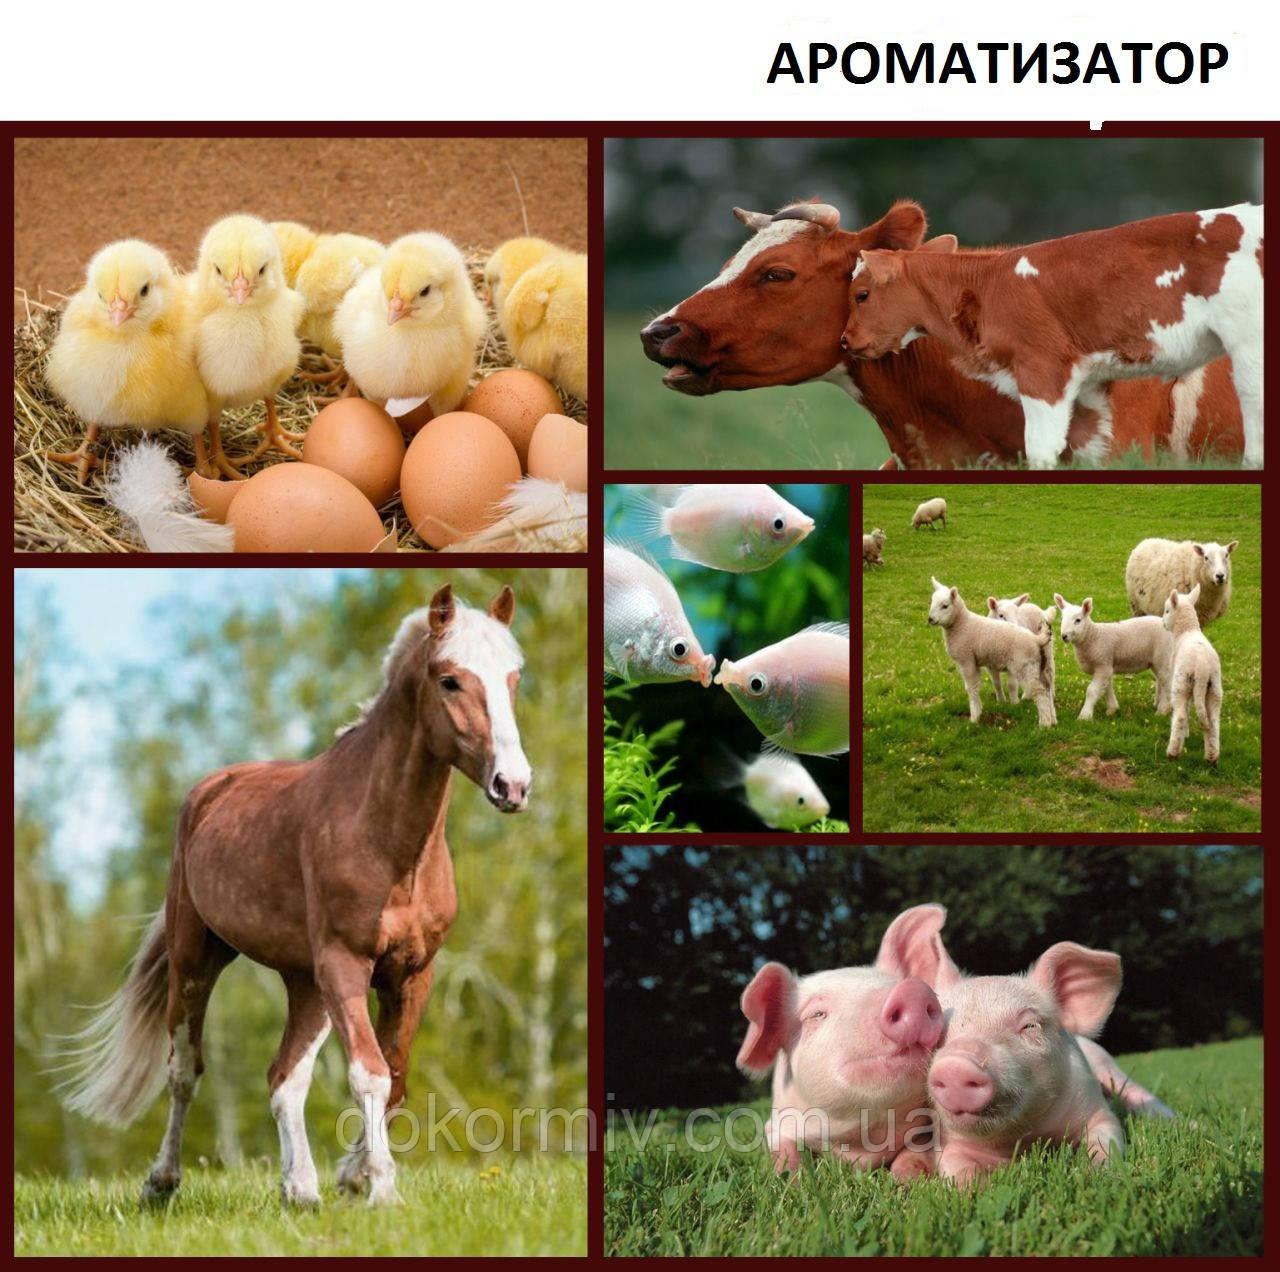 Ароматизатор в корм для животных